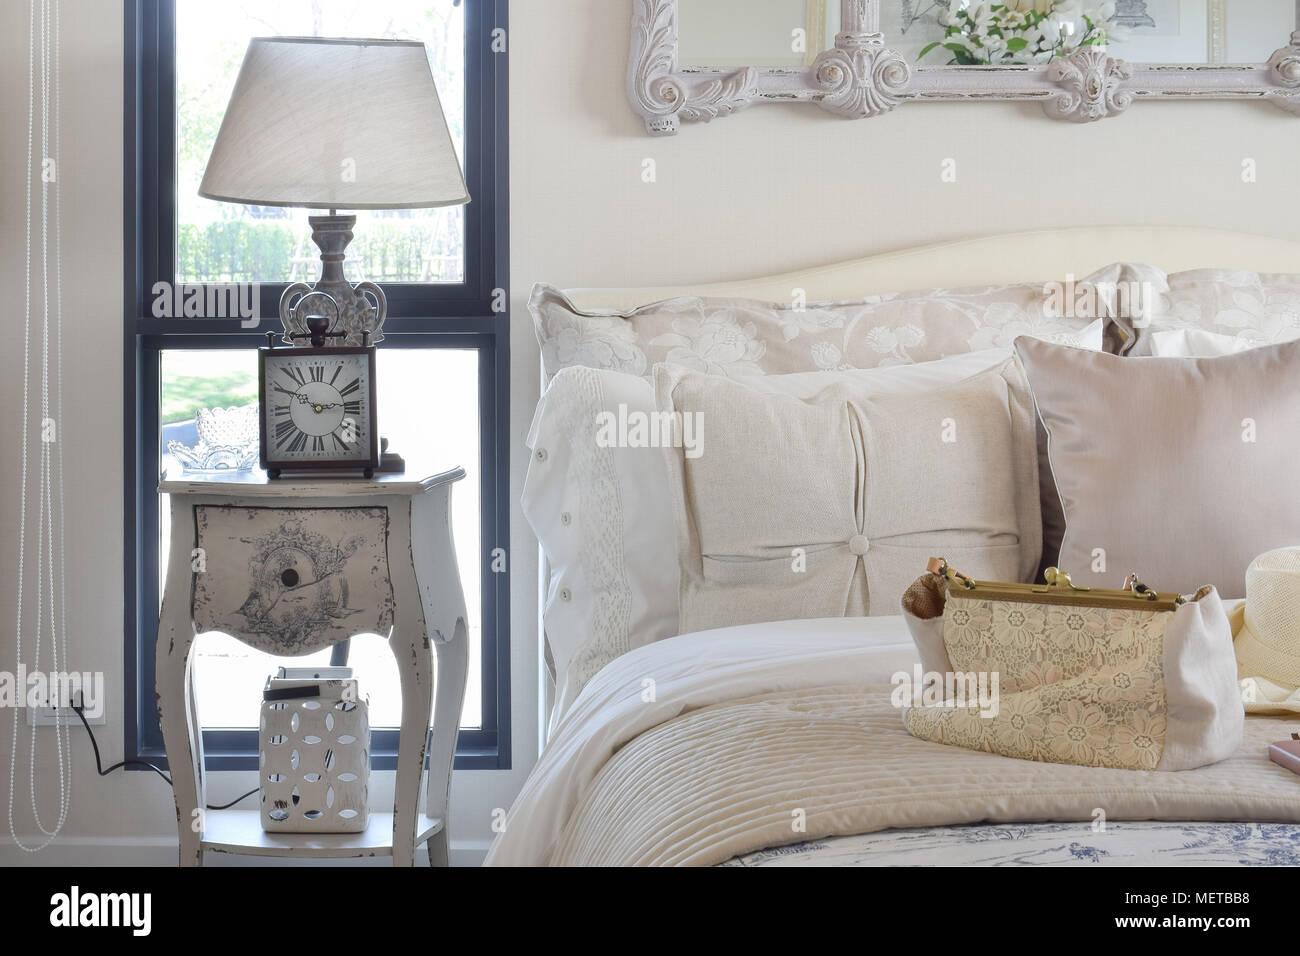 La camera da letto di lusso con interni in stile classico lampada da ...